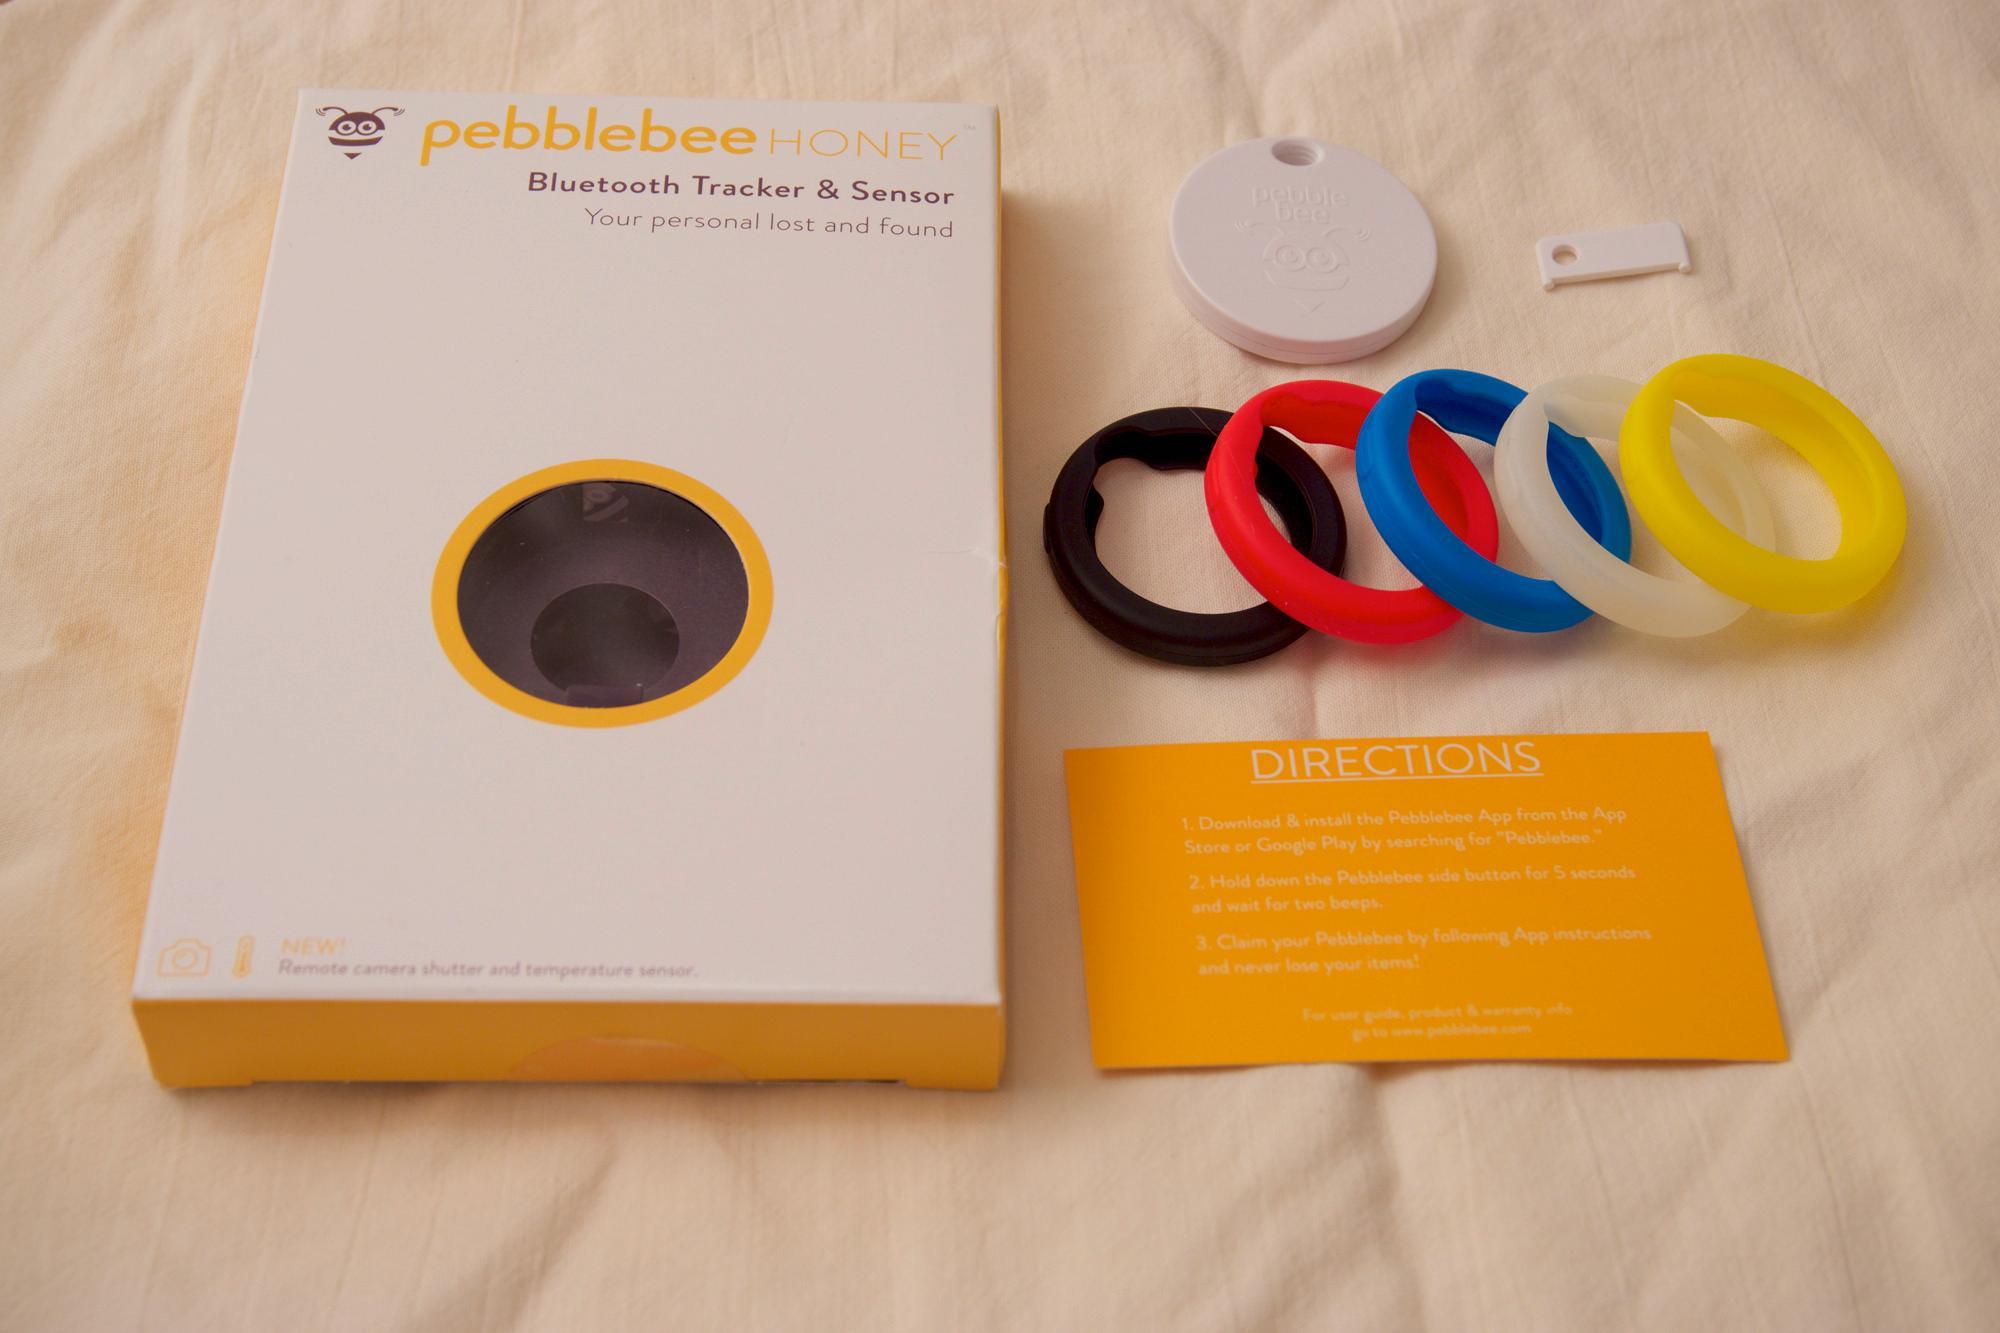 Innholdet i Pebblebee-pakken: boks, oppstartsguide, Honey-brikken og åpningsnøkkel til brikken. Gummidekslene er ekstrautstyr.